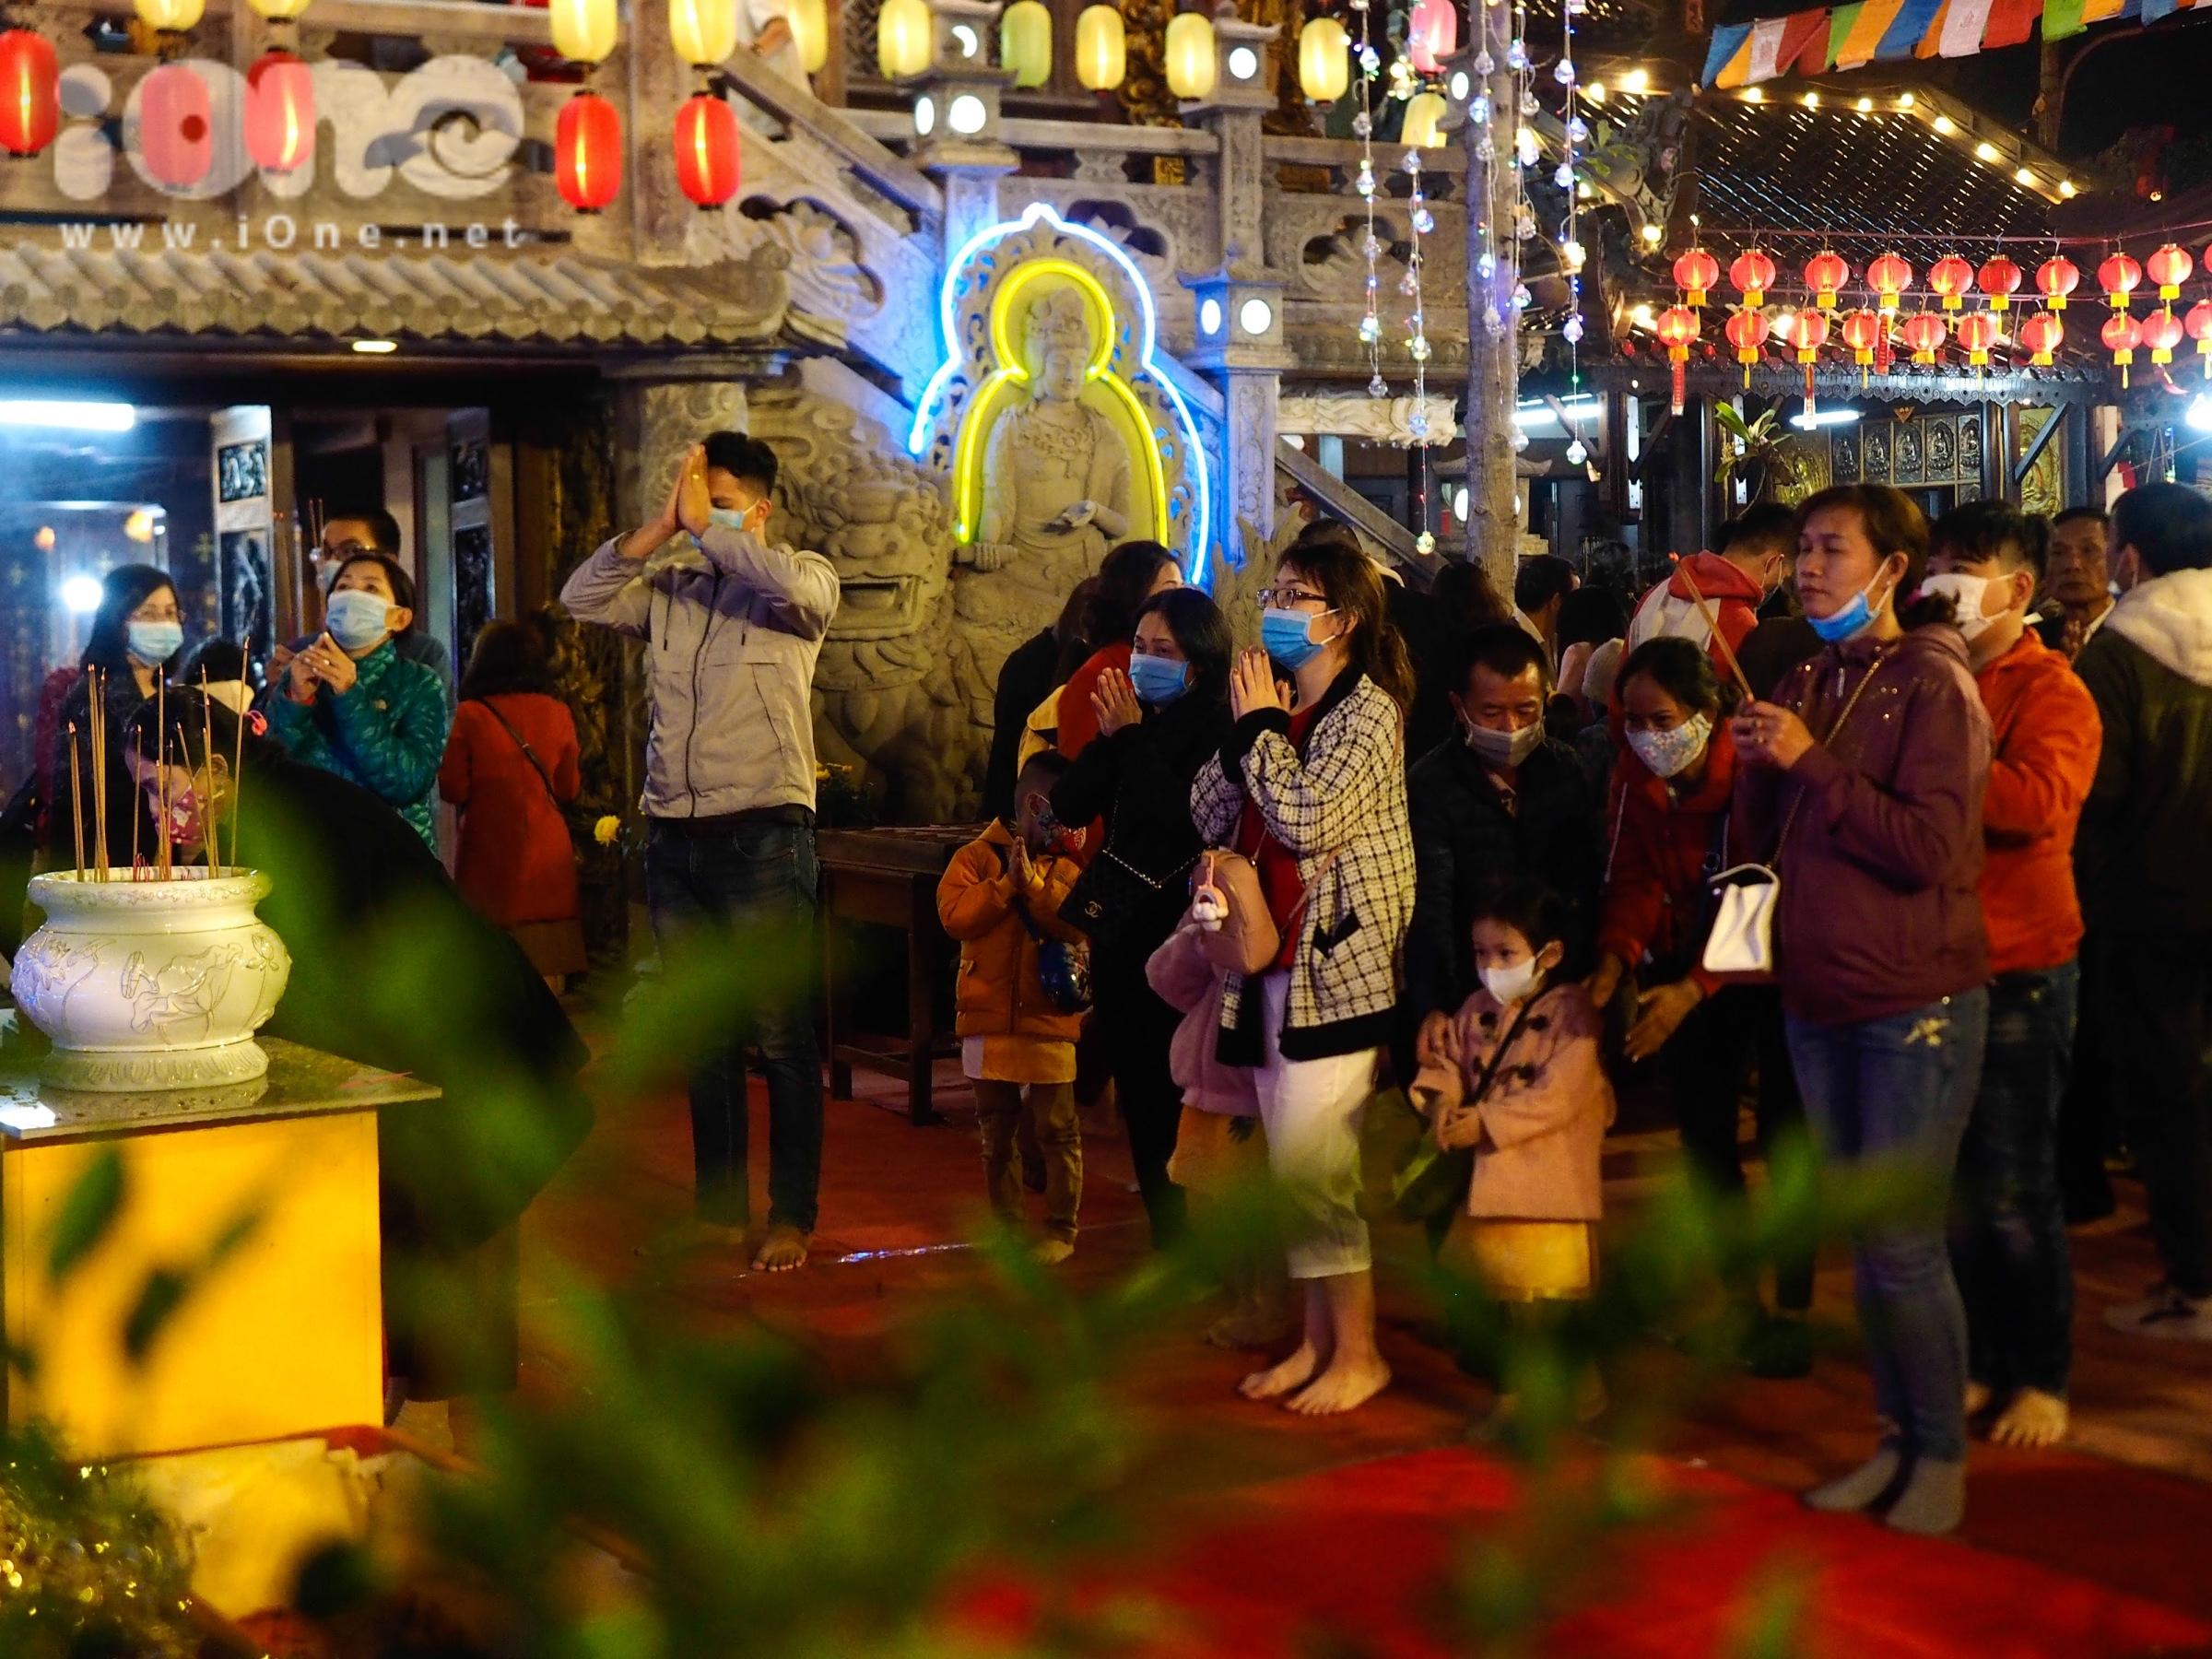 Nhiều gia đình, các bạn trẻ, cặp đôi đã đến các chùa lớn như: chùa Bà Đa, chùa An Long, chùa Bát Nhã, Thiền Viện Bồ Đề, chùa Linh Ứng...